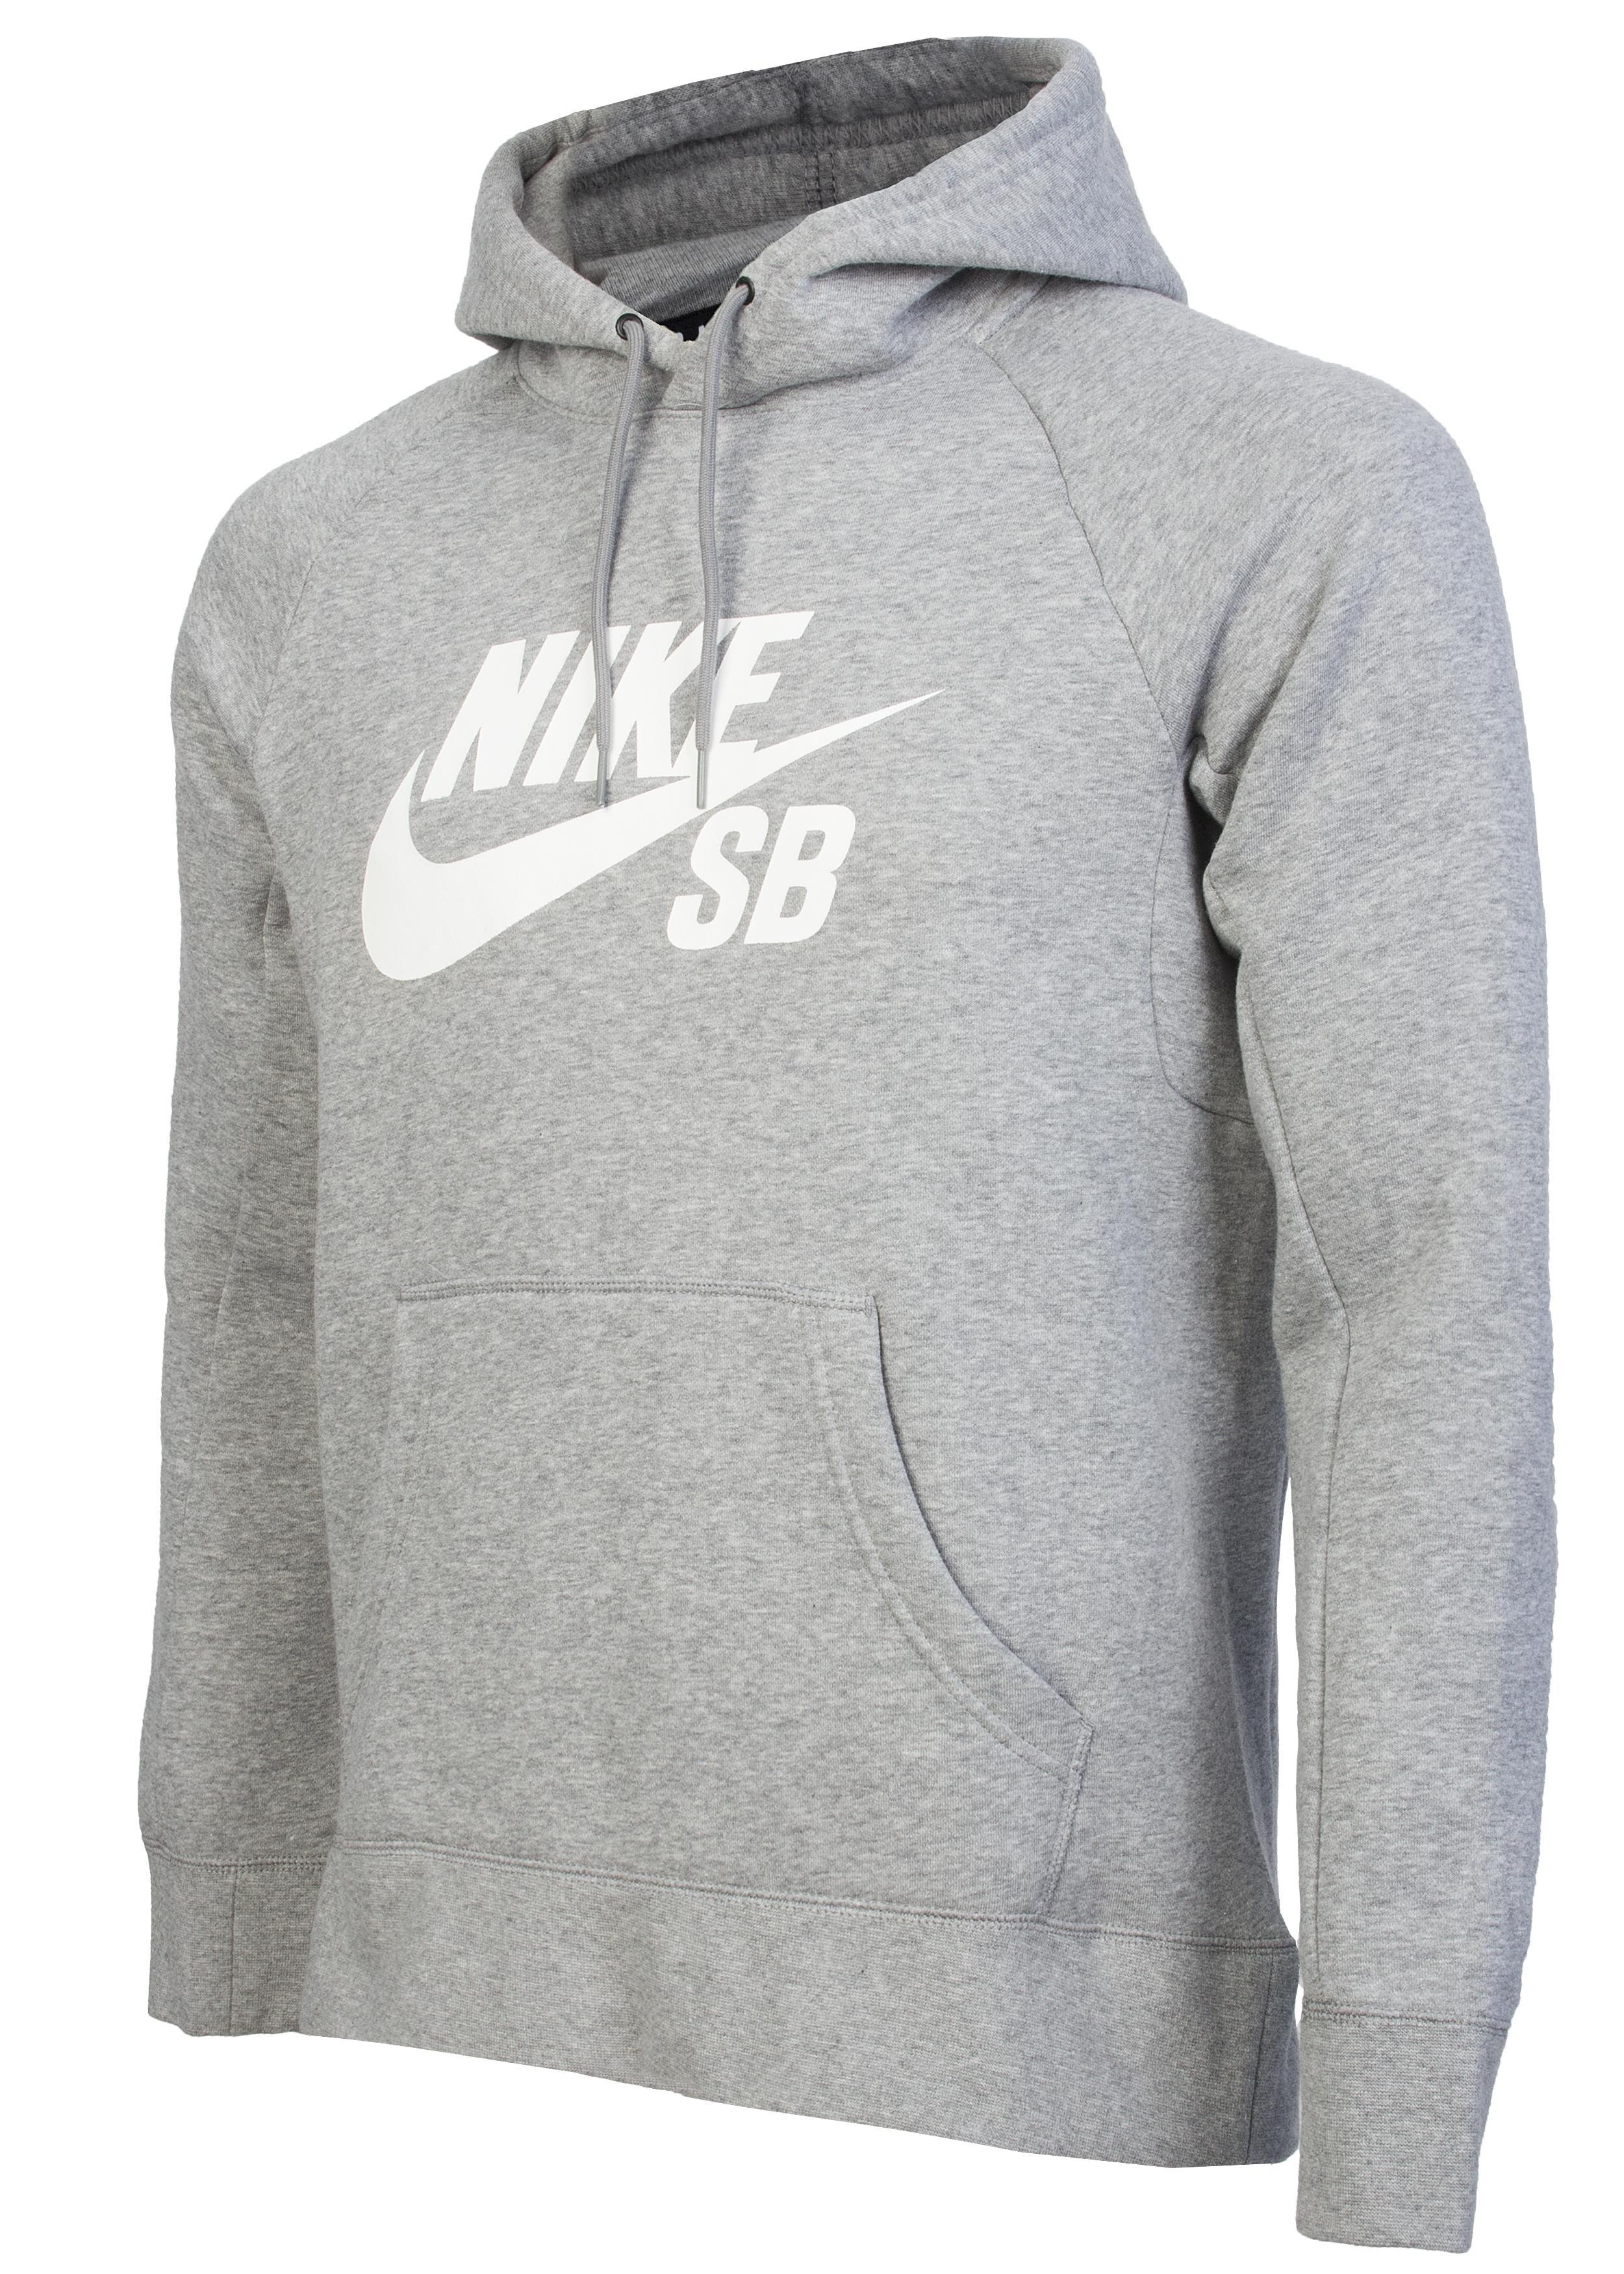 96421114 Толстовка мужская Nike SB Icon Hoodie серая - Сеть спортивных ...